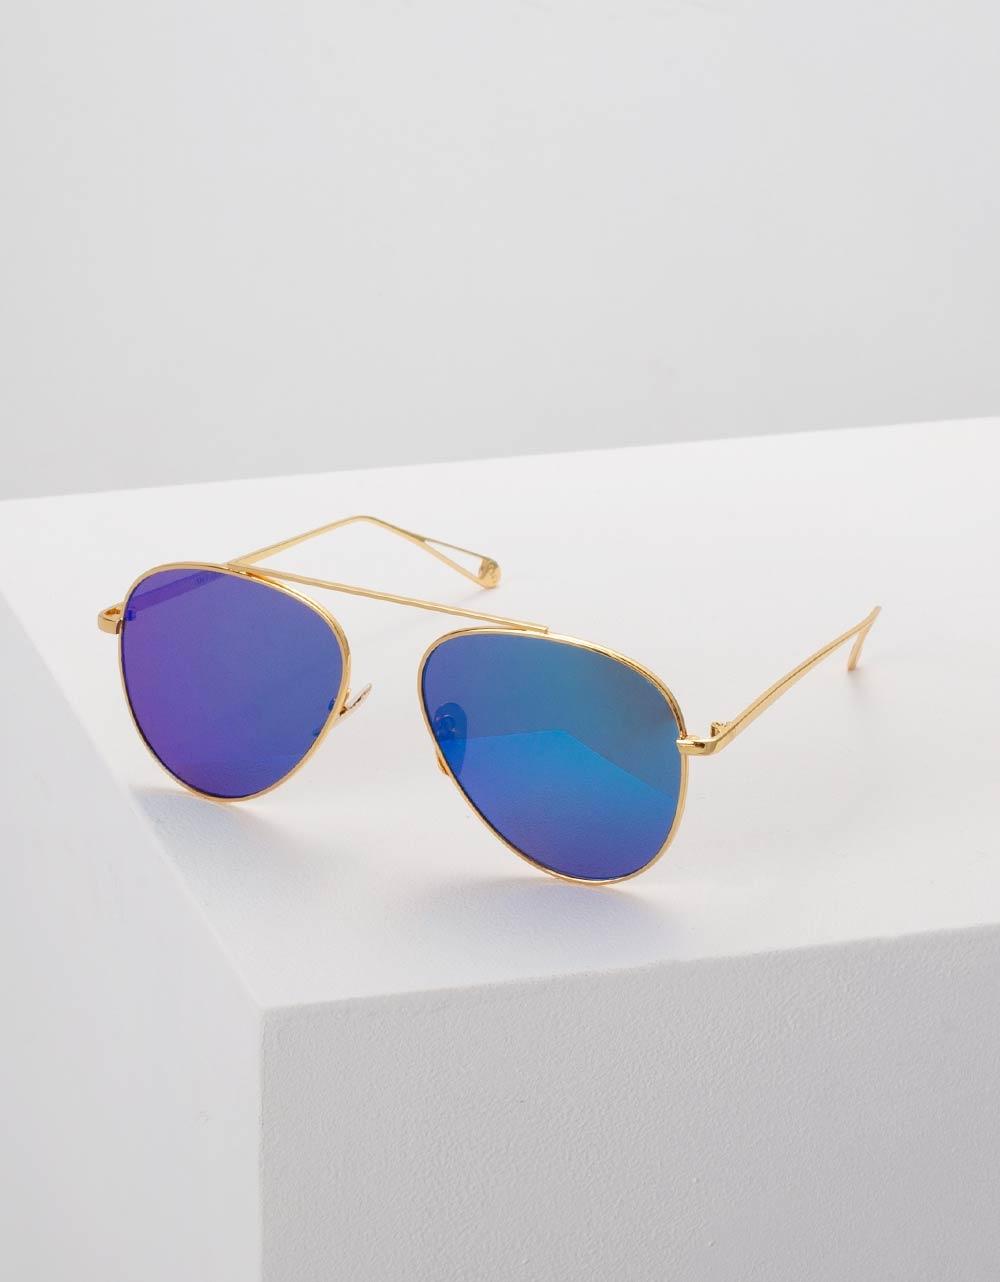 Εικόνα από Γυναικεία γυαλιά ηλίου στρογγυλά Πράσινο